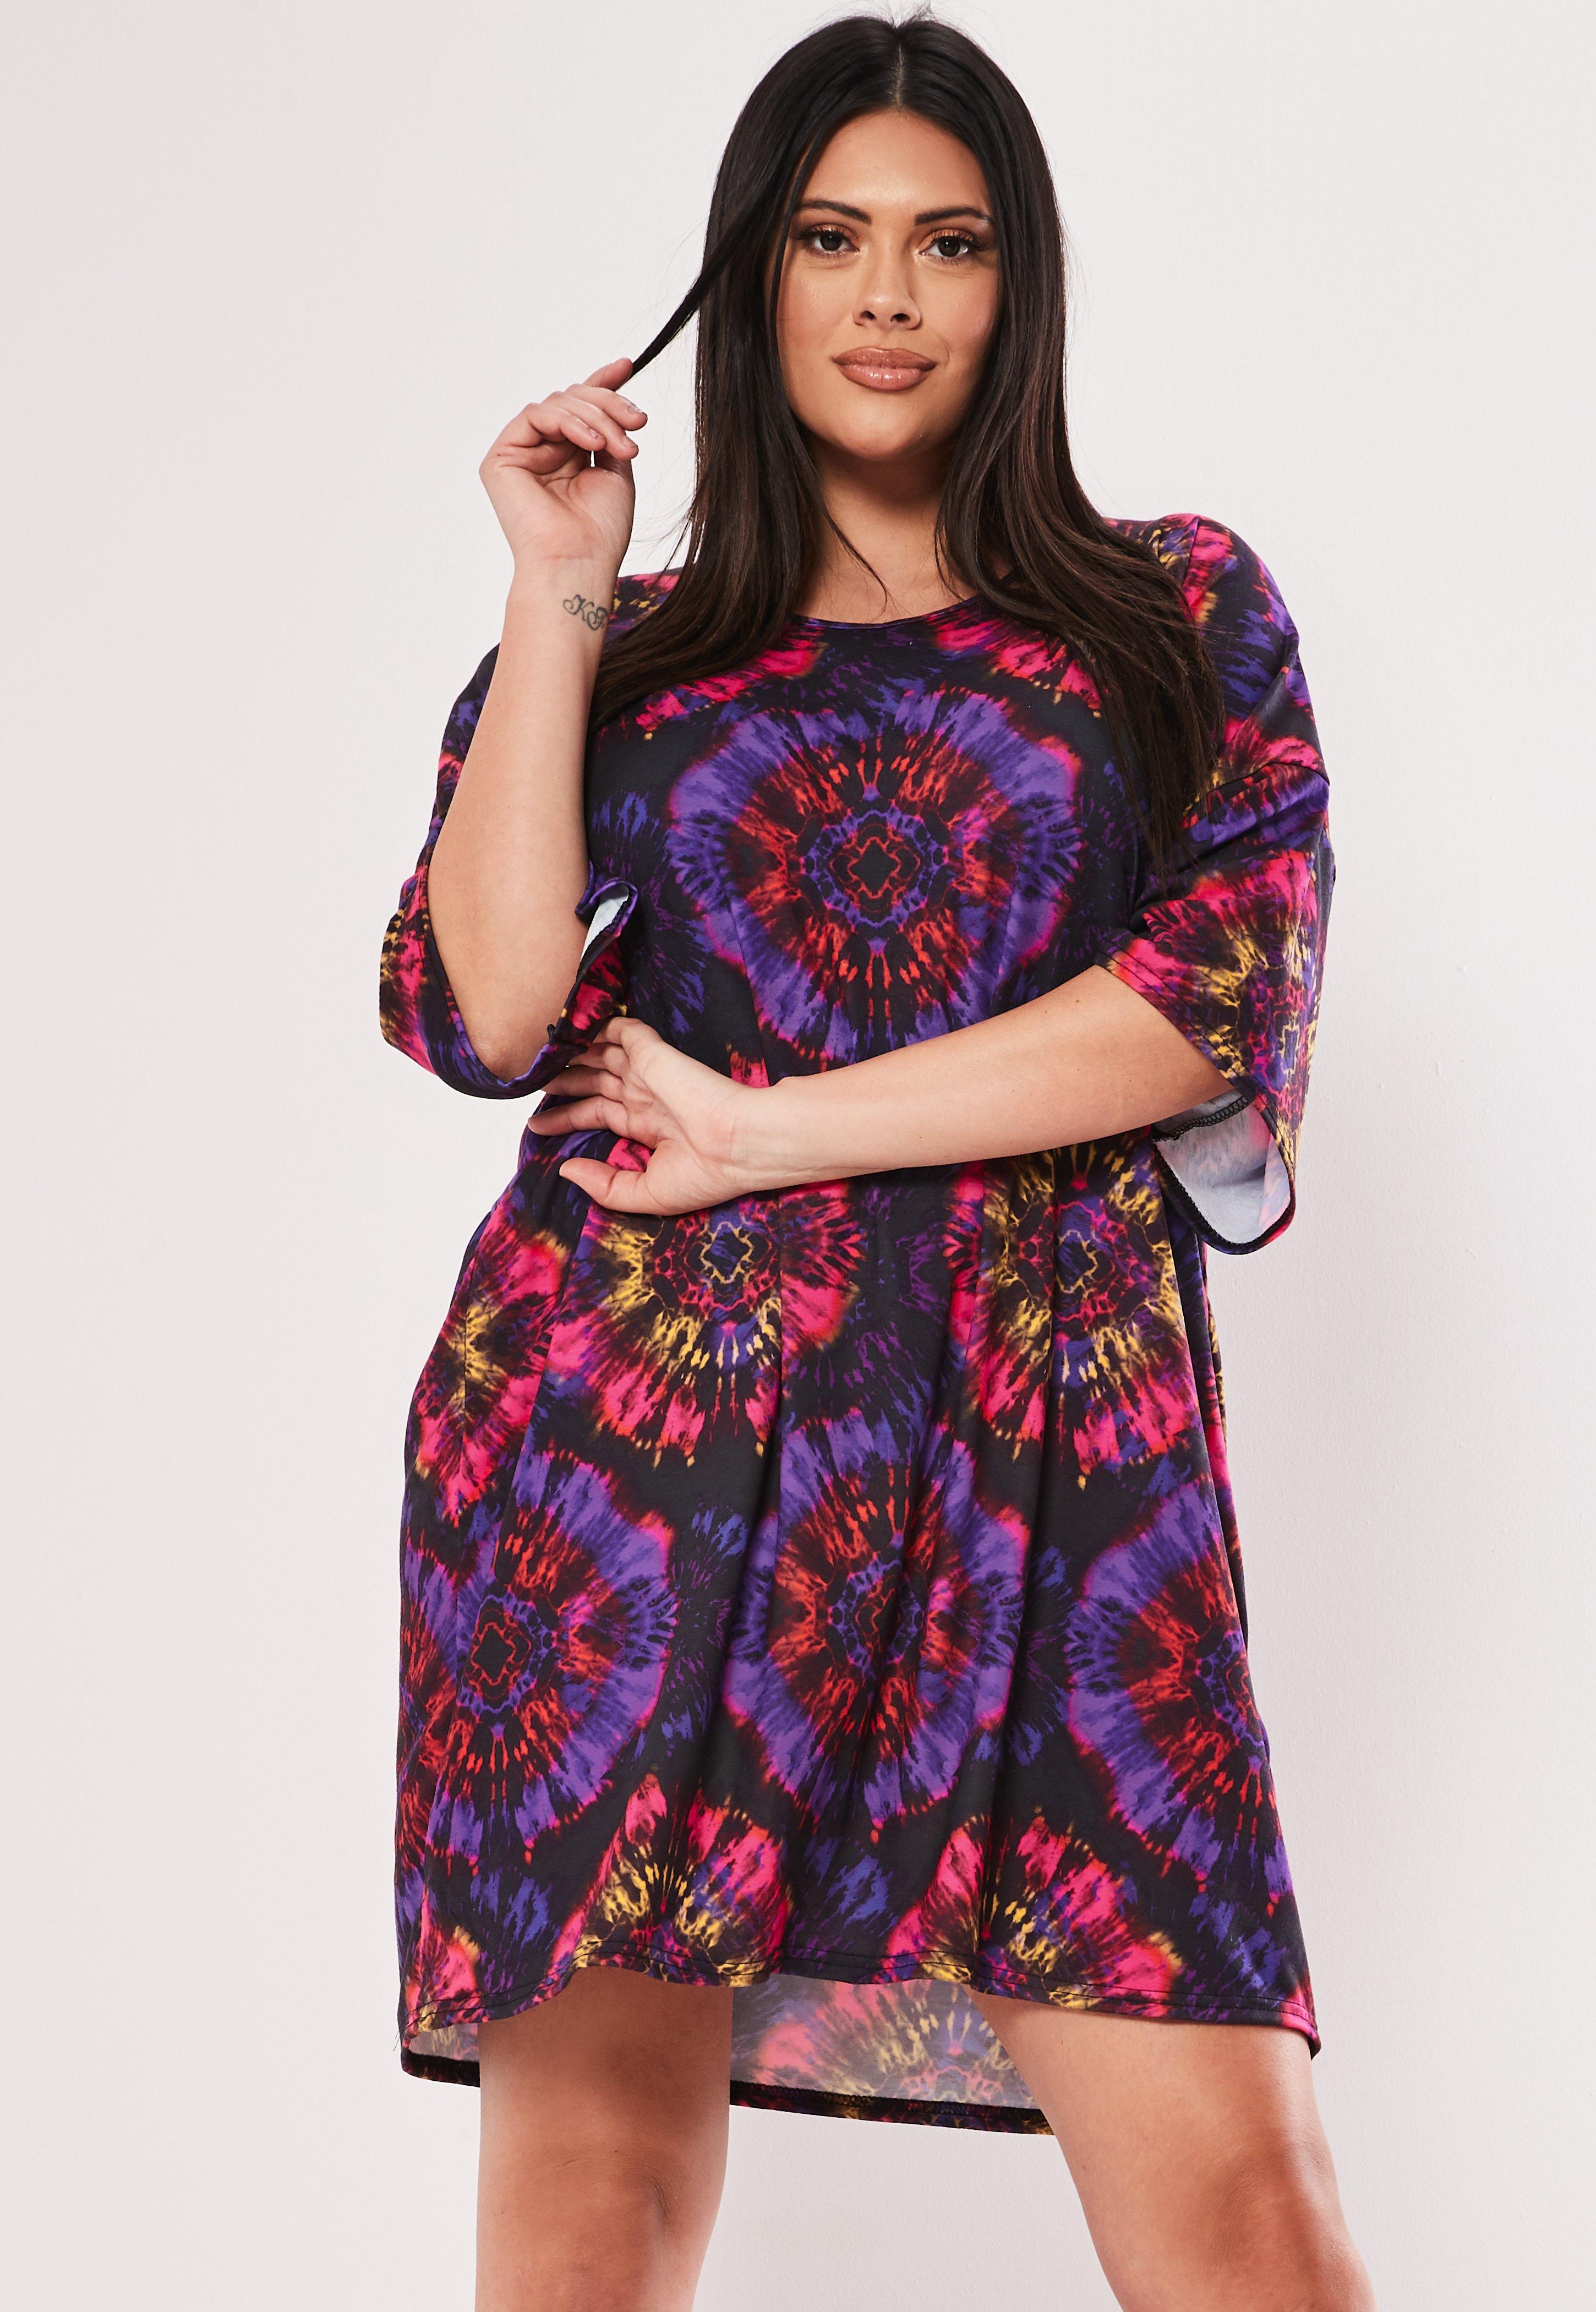 588759b8c02d11 Dresses